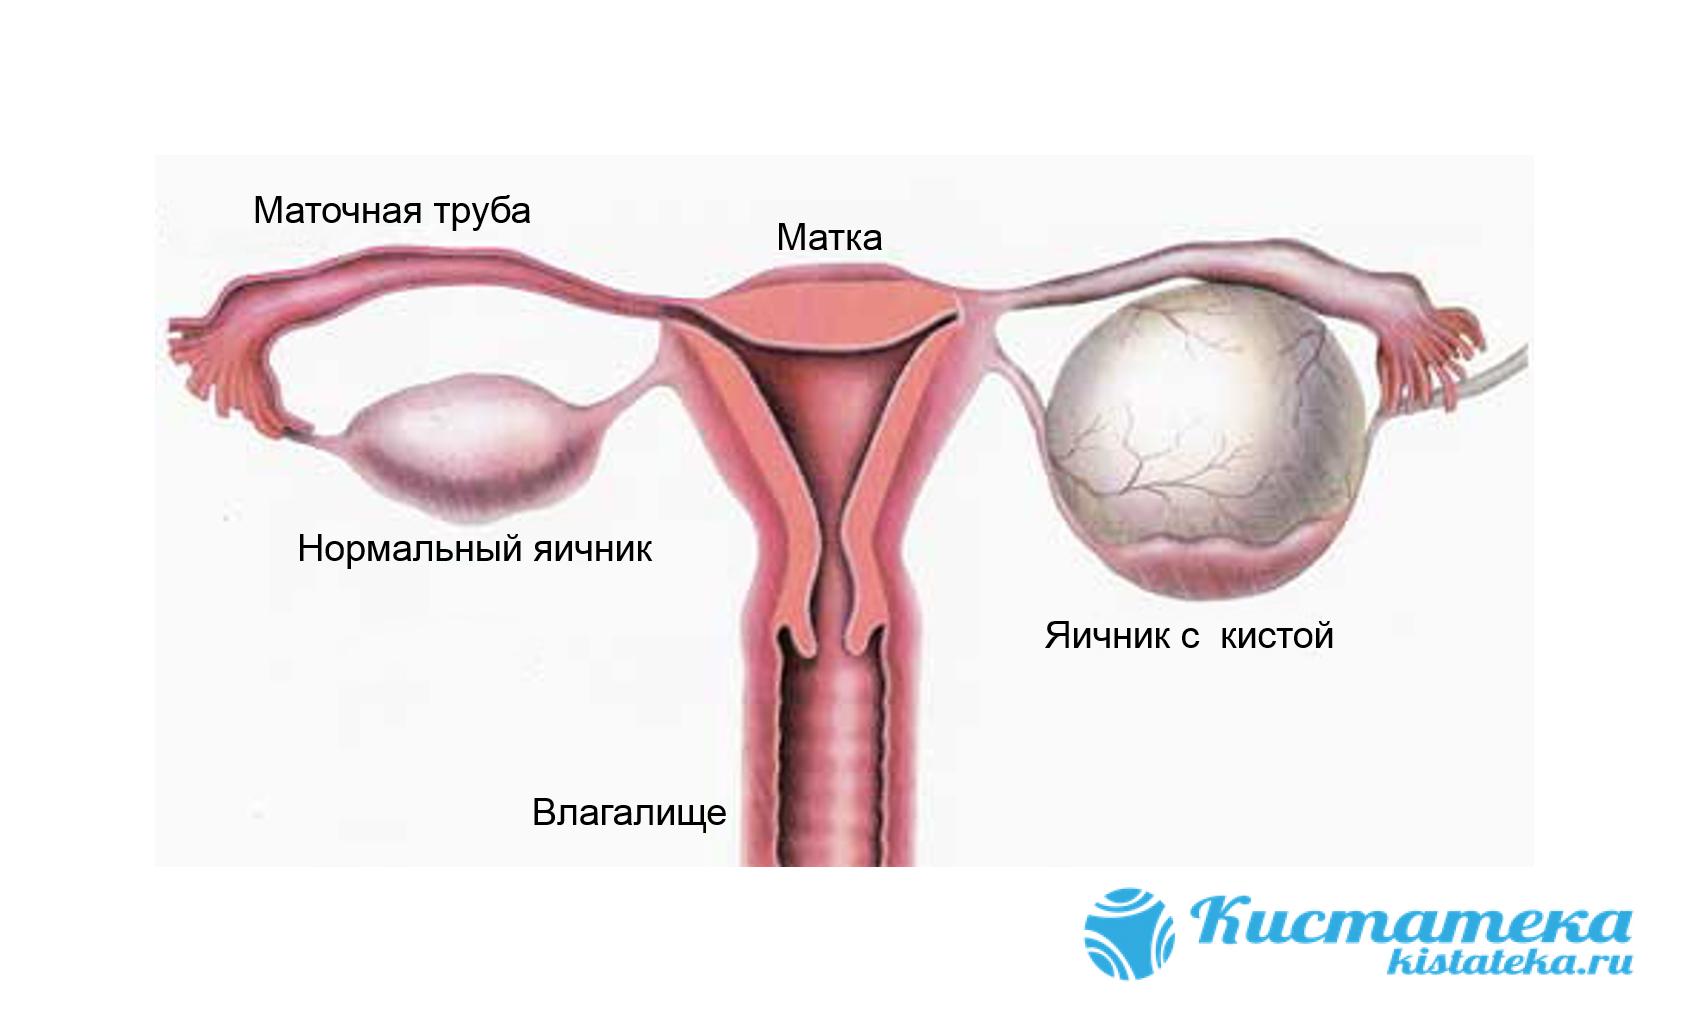 Опуоль образуется на одном или сразу дву яичника